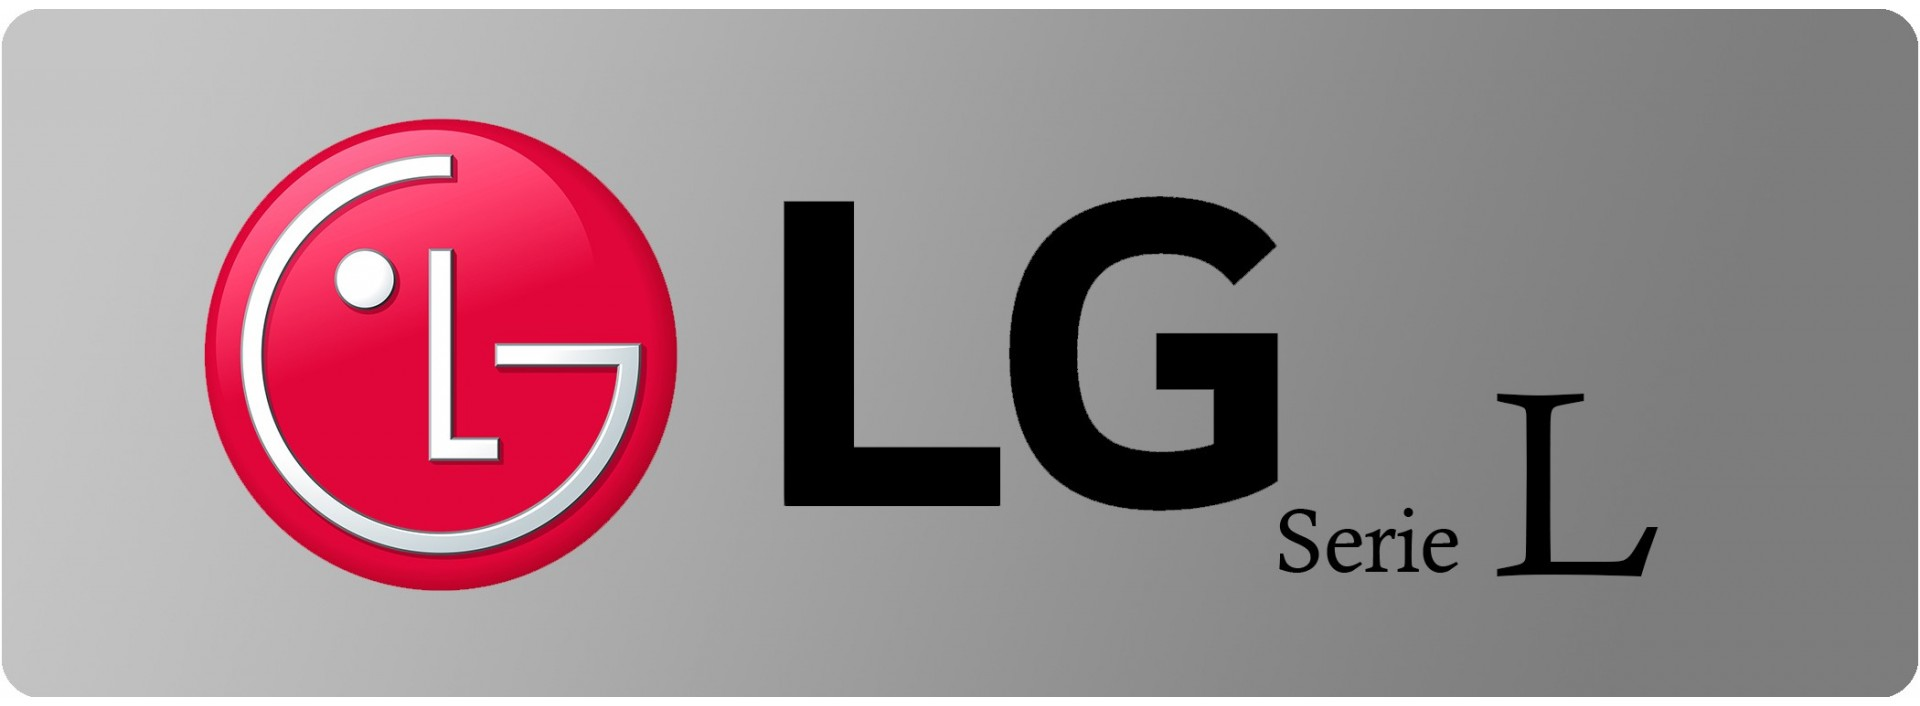 Fundas para LG Serie L